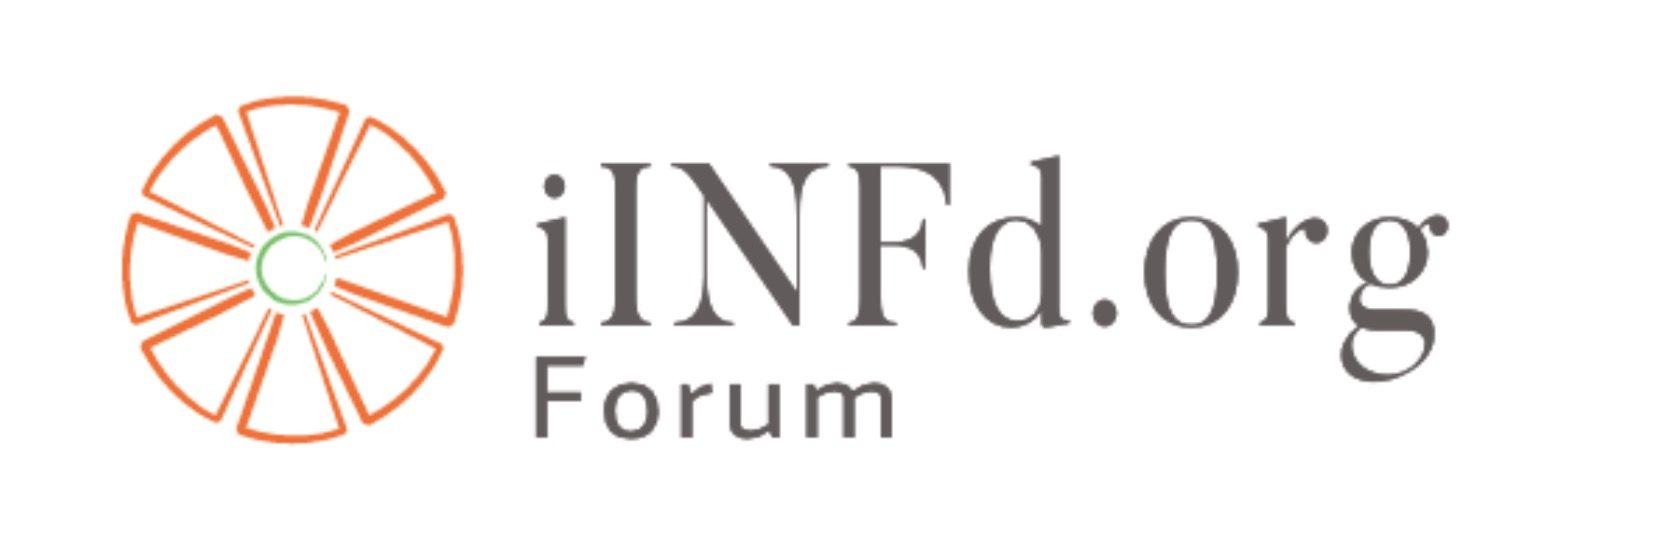 forum.iinfd.org